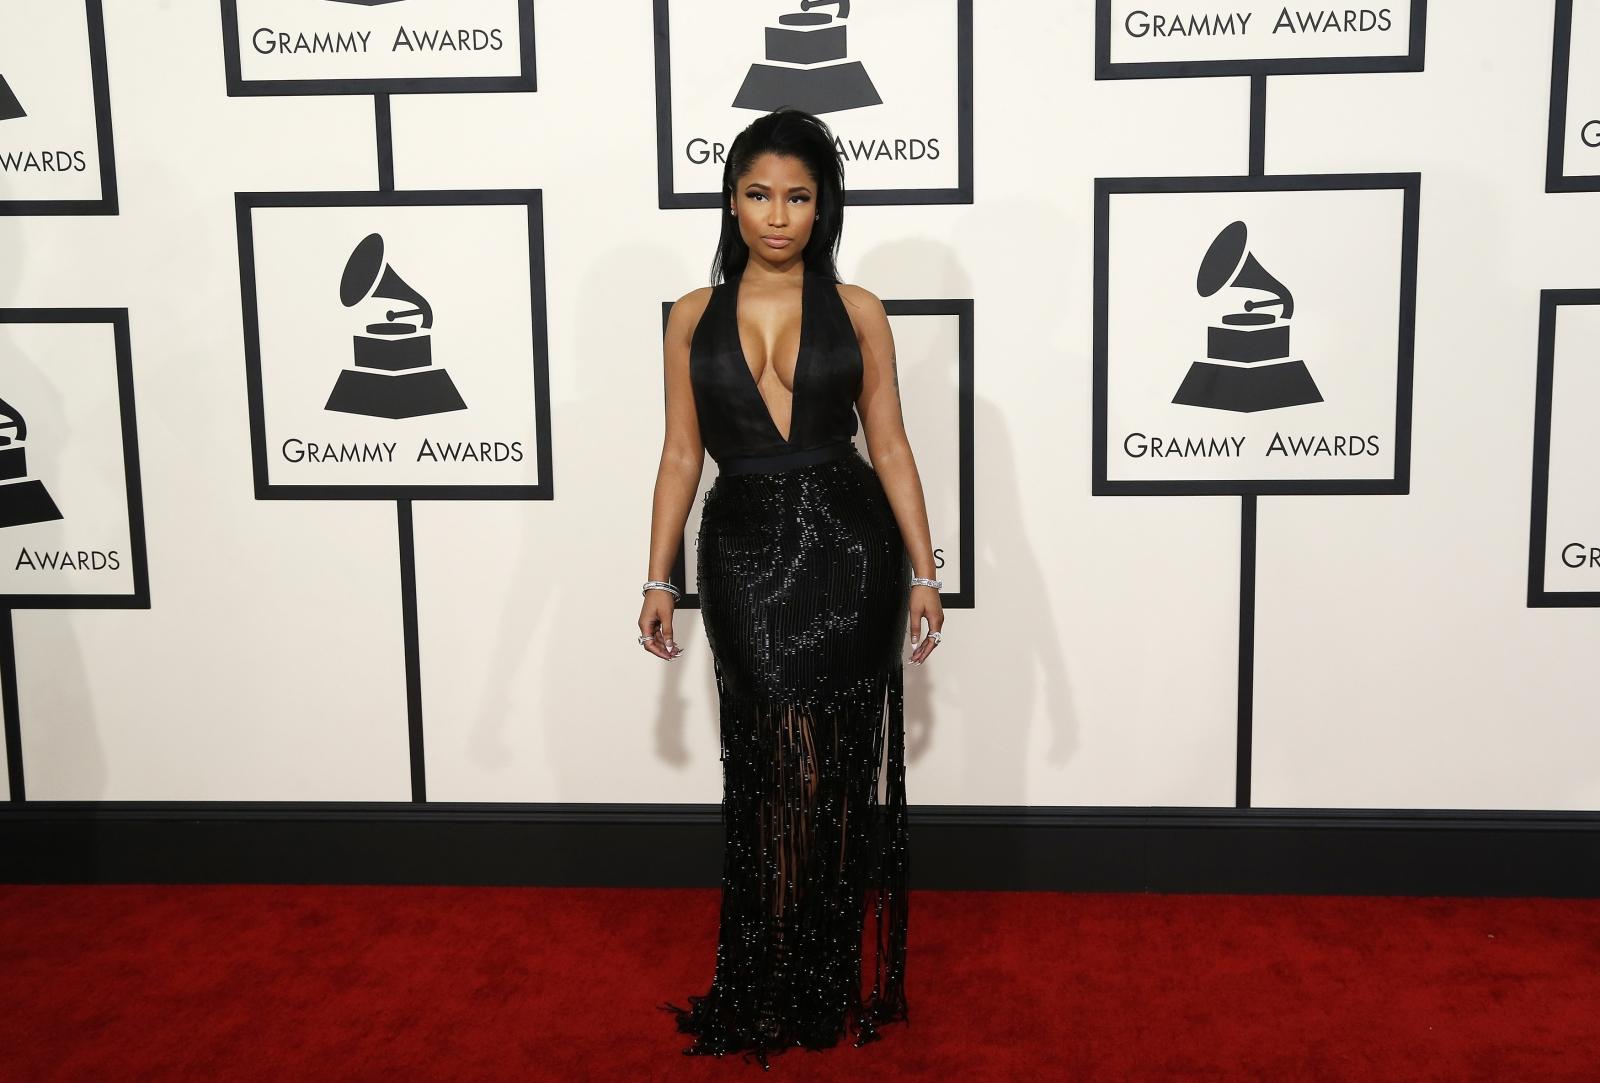 Nicki Minaj at Grammy awards 2015